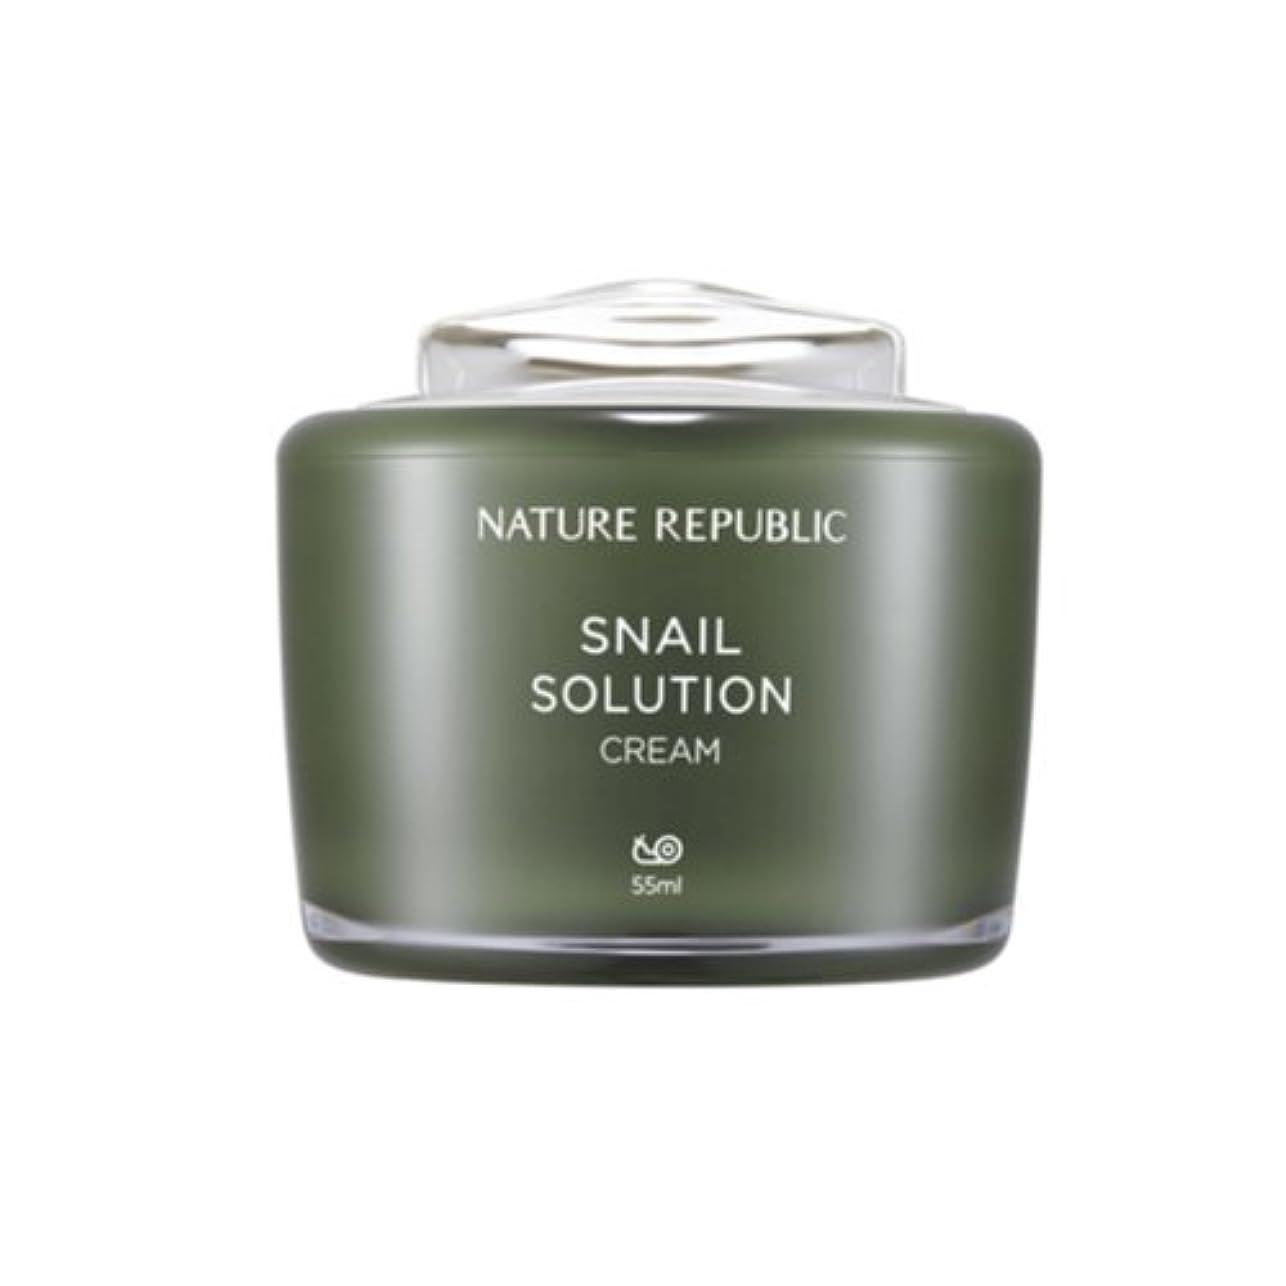 武装解除後童謡[ネイチャーリパブリック] Nature republicスネイルソリューションクリーム海外直送品(Snail Solution Cream) [並行輸入品]